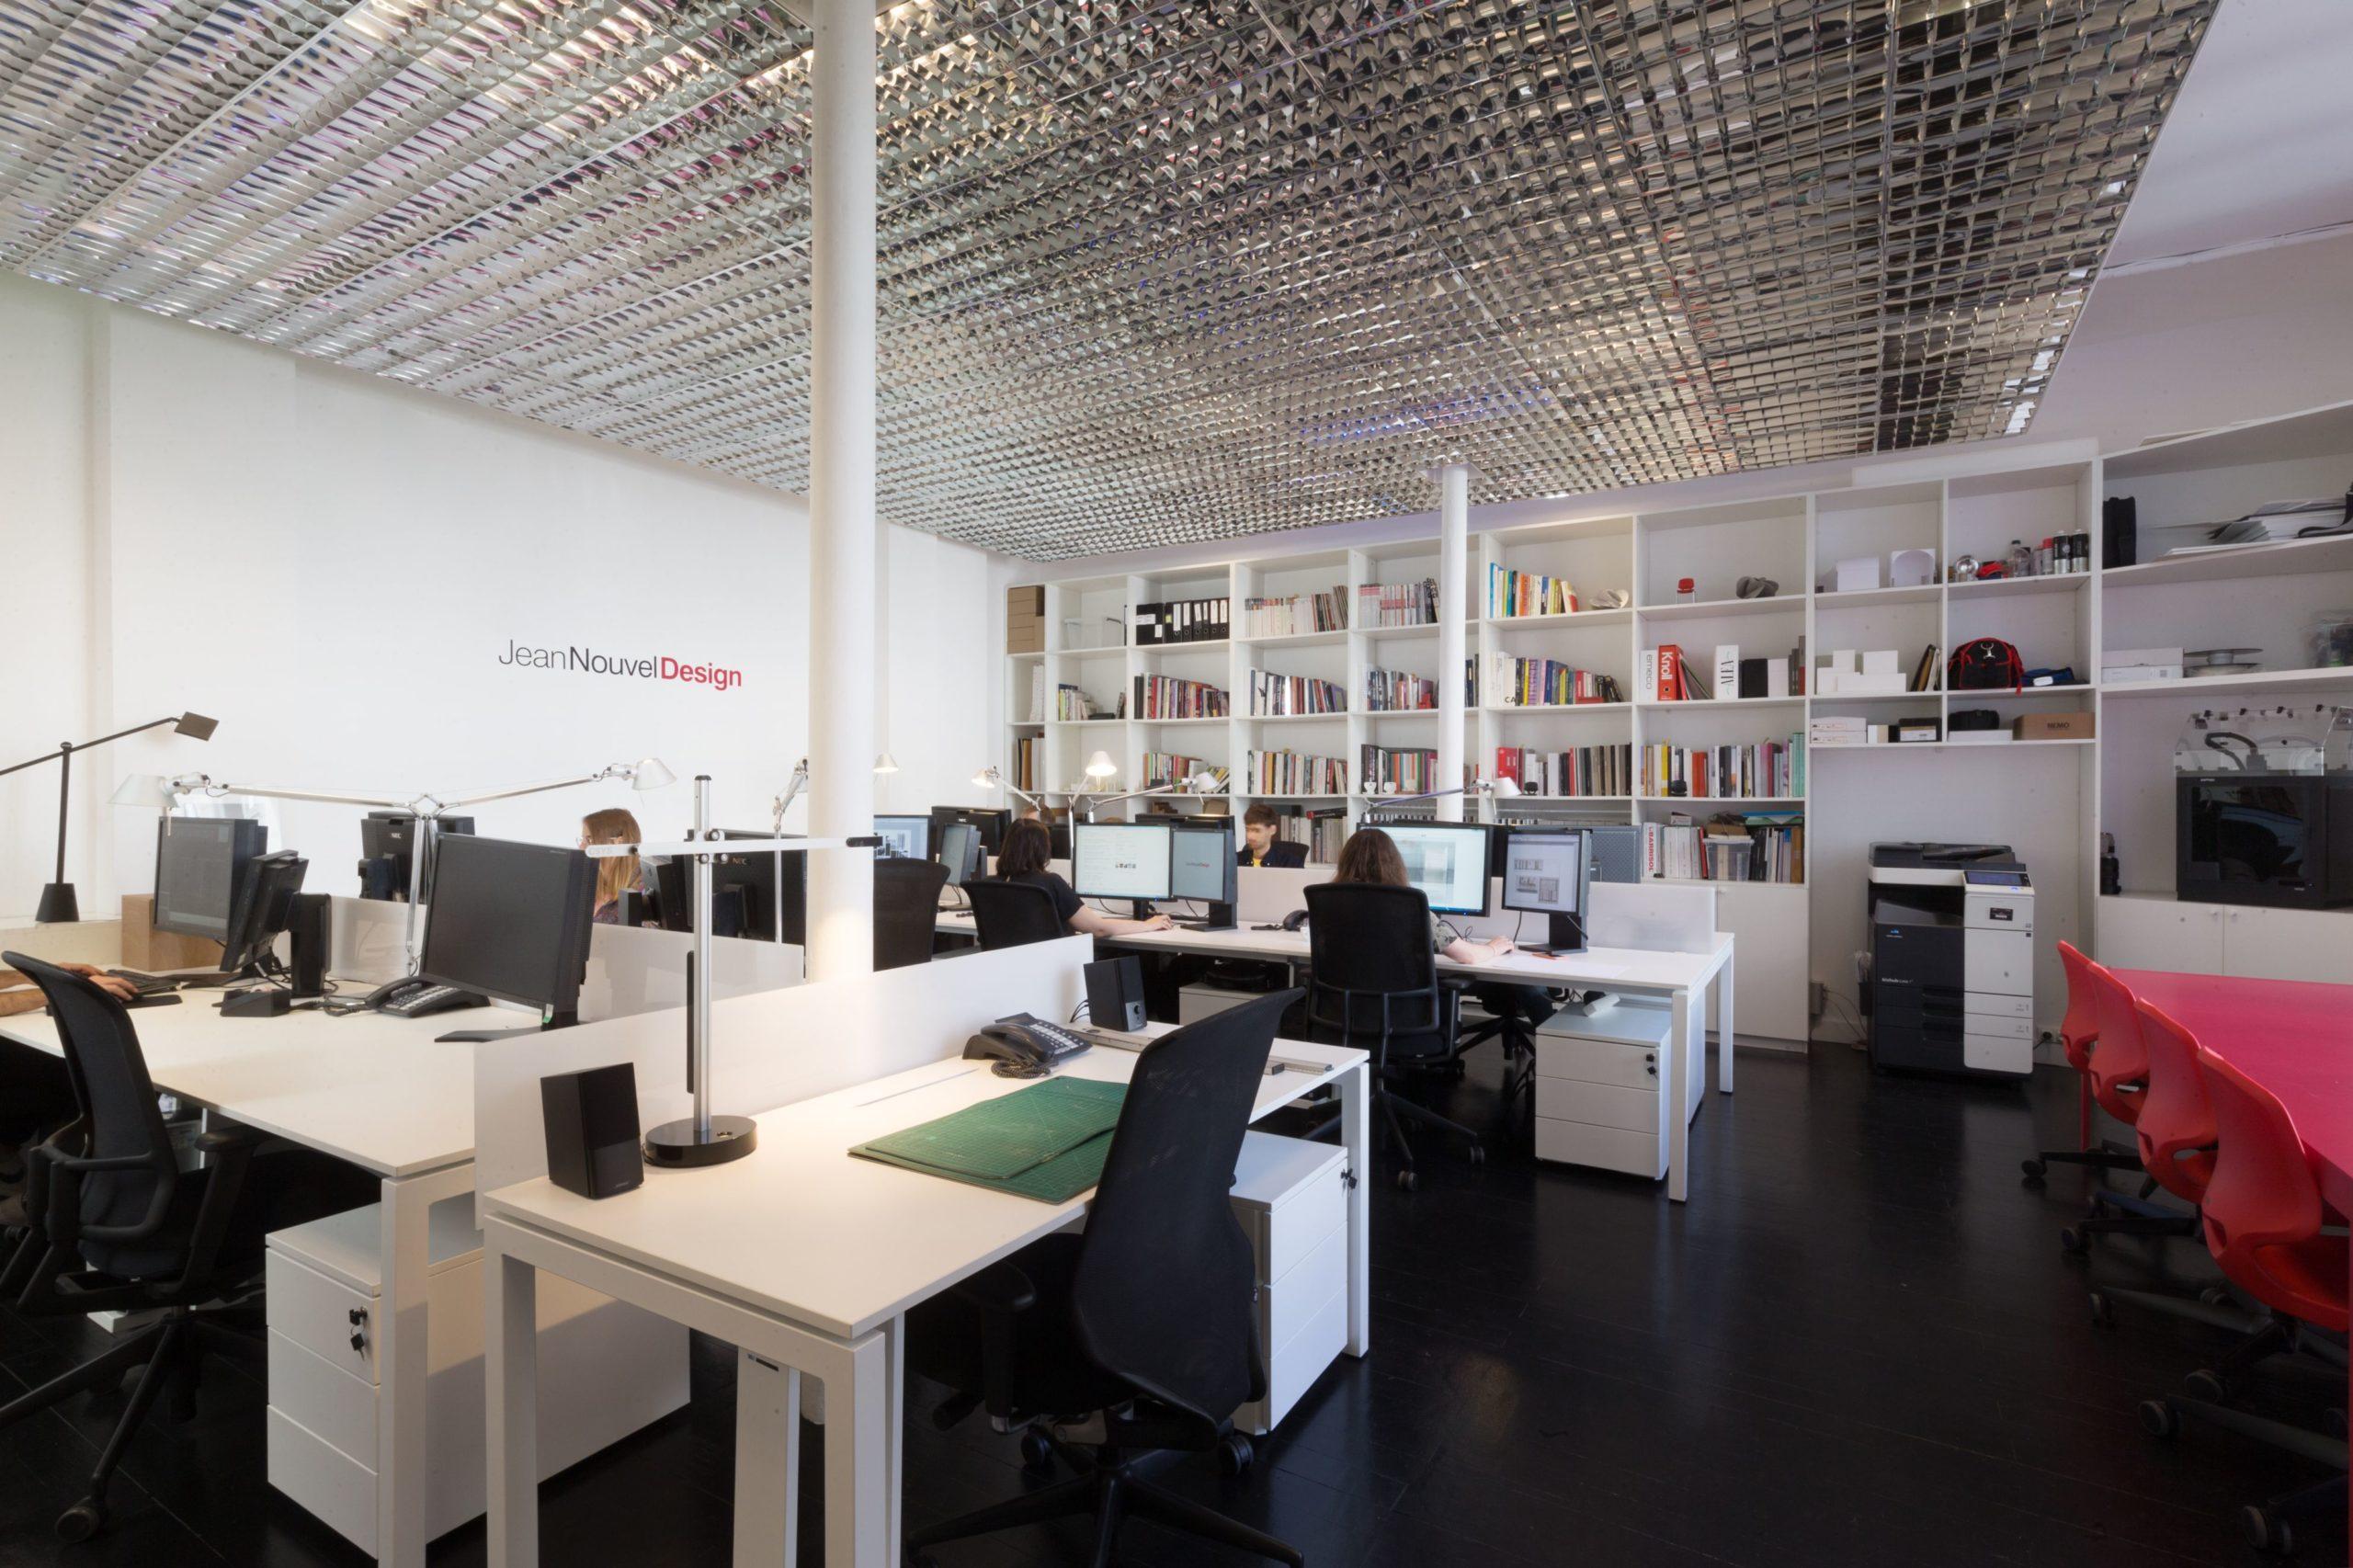 NEW OFFICE, JEAN NOUVEL DESIGN DÉMÉNAGE ET FAIT PEAU NEUVE